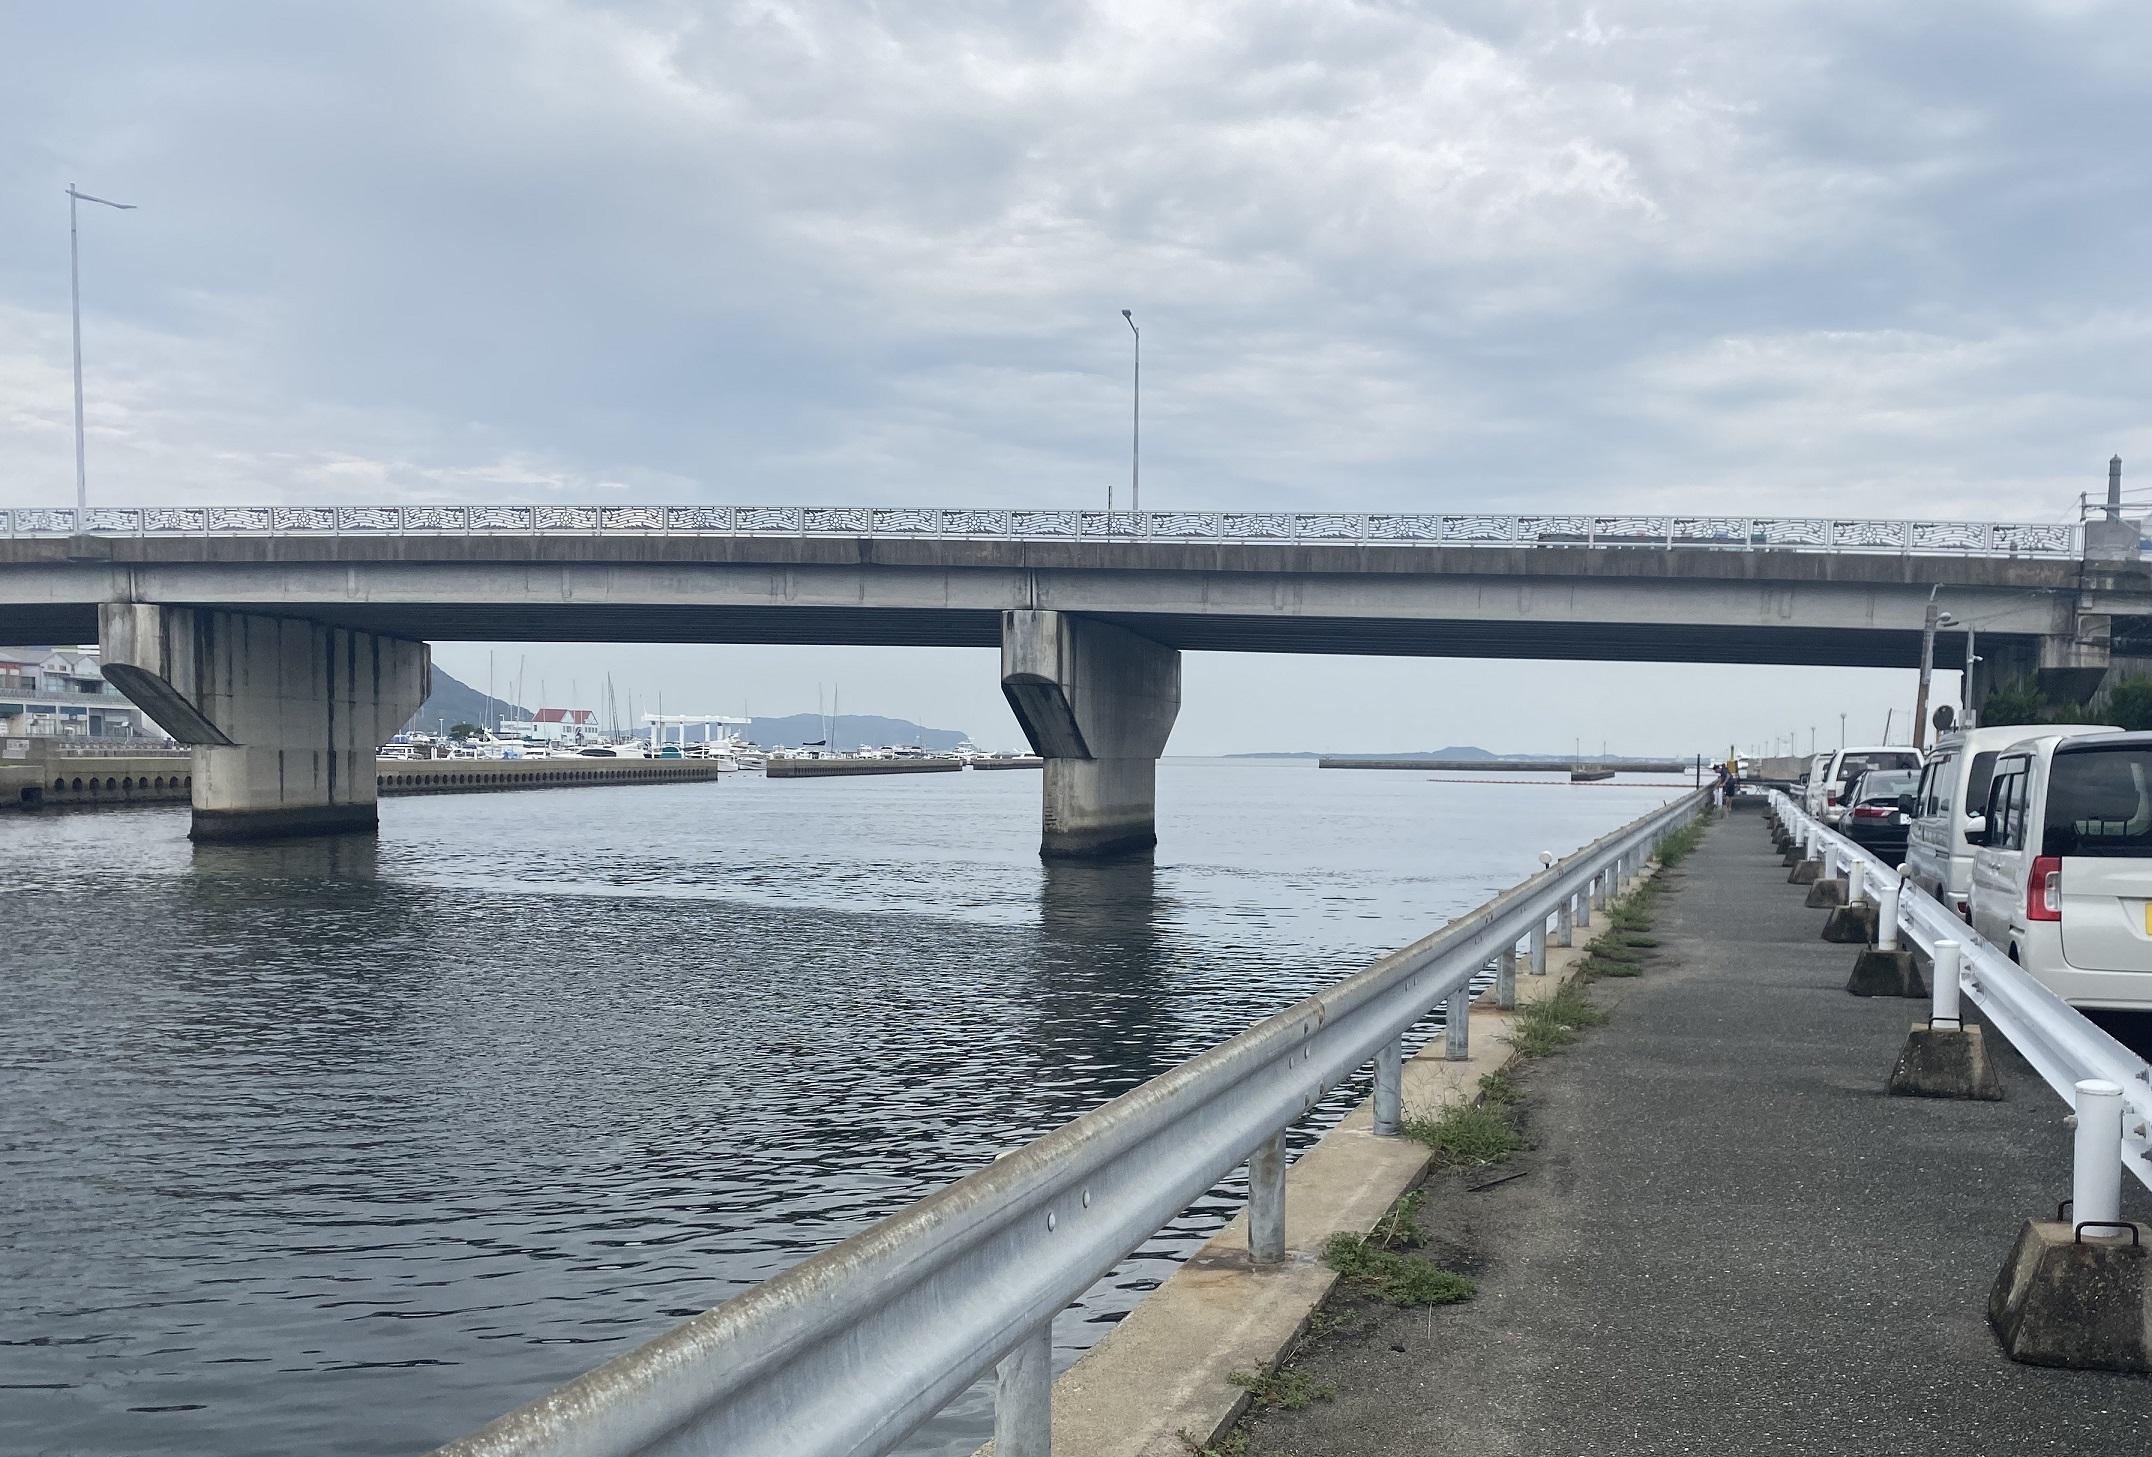 姪浜港マリナ大橋下01